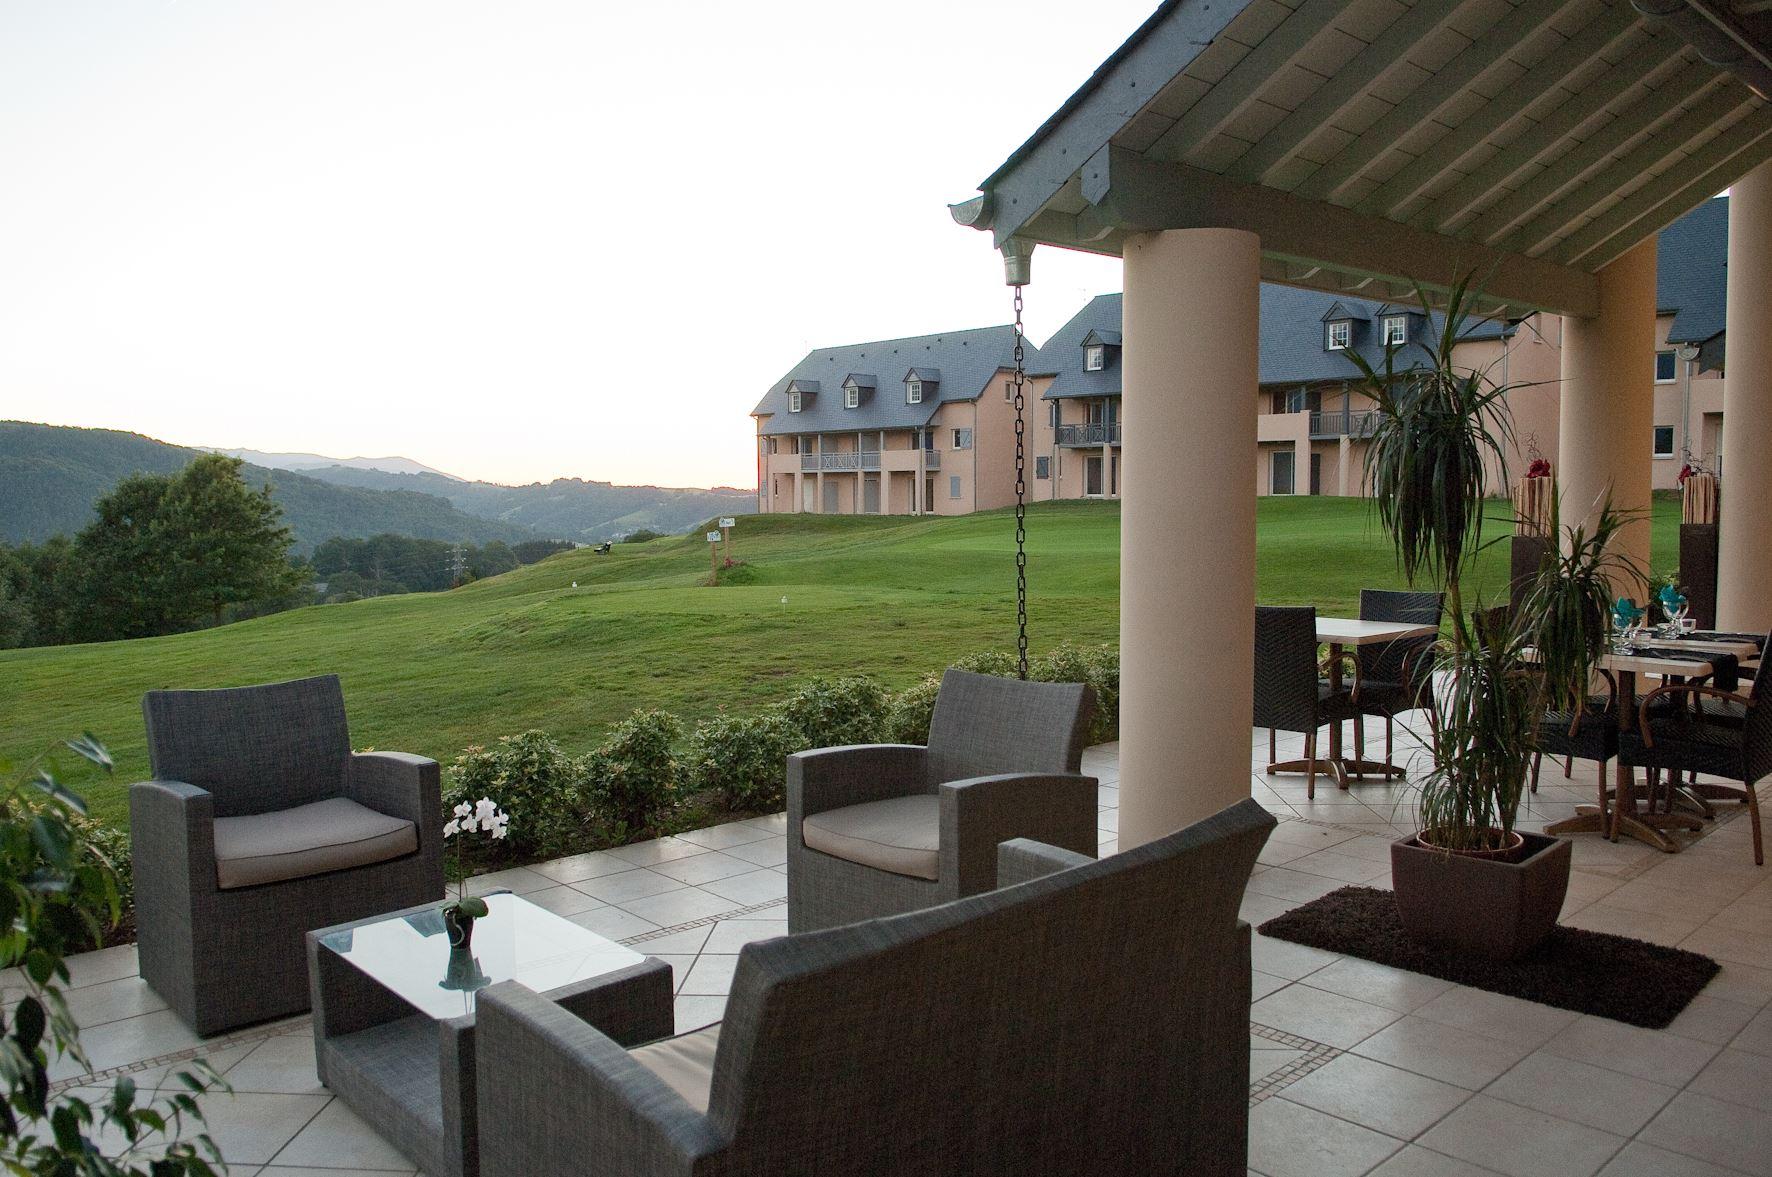 HPH134 - Hôtel haut de gamme sur le golf